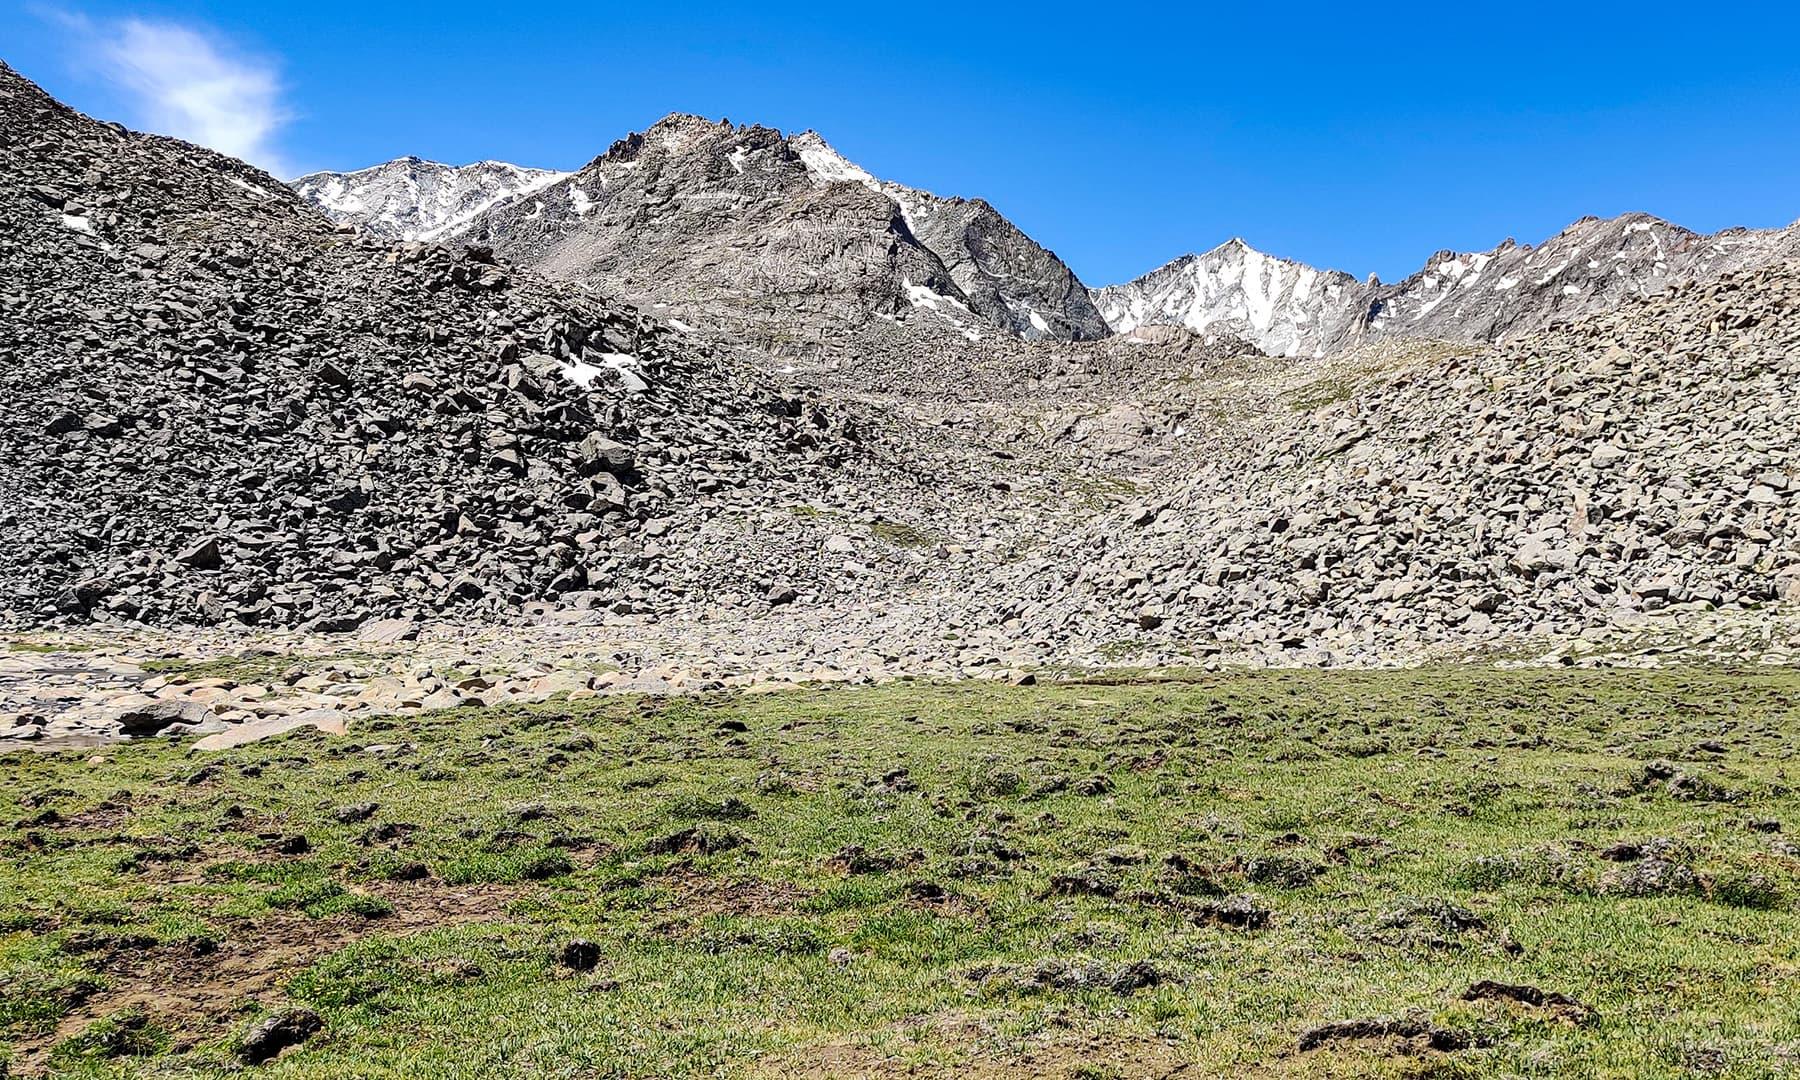 مخملی گھاس اور پتھریلی بلندیاں جھیل تک پہنچنے کا واحد راستہ ہیں